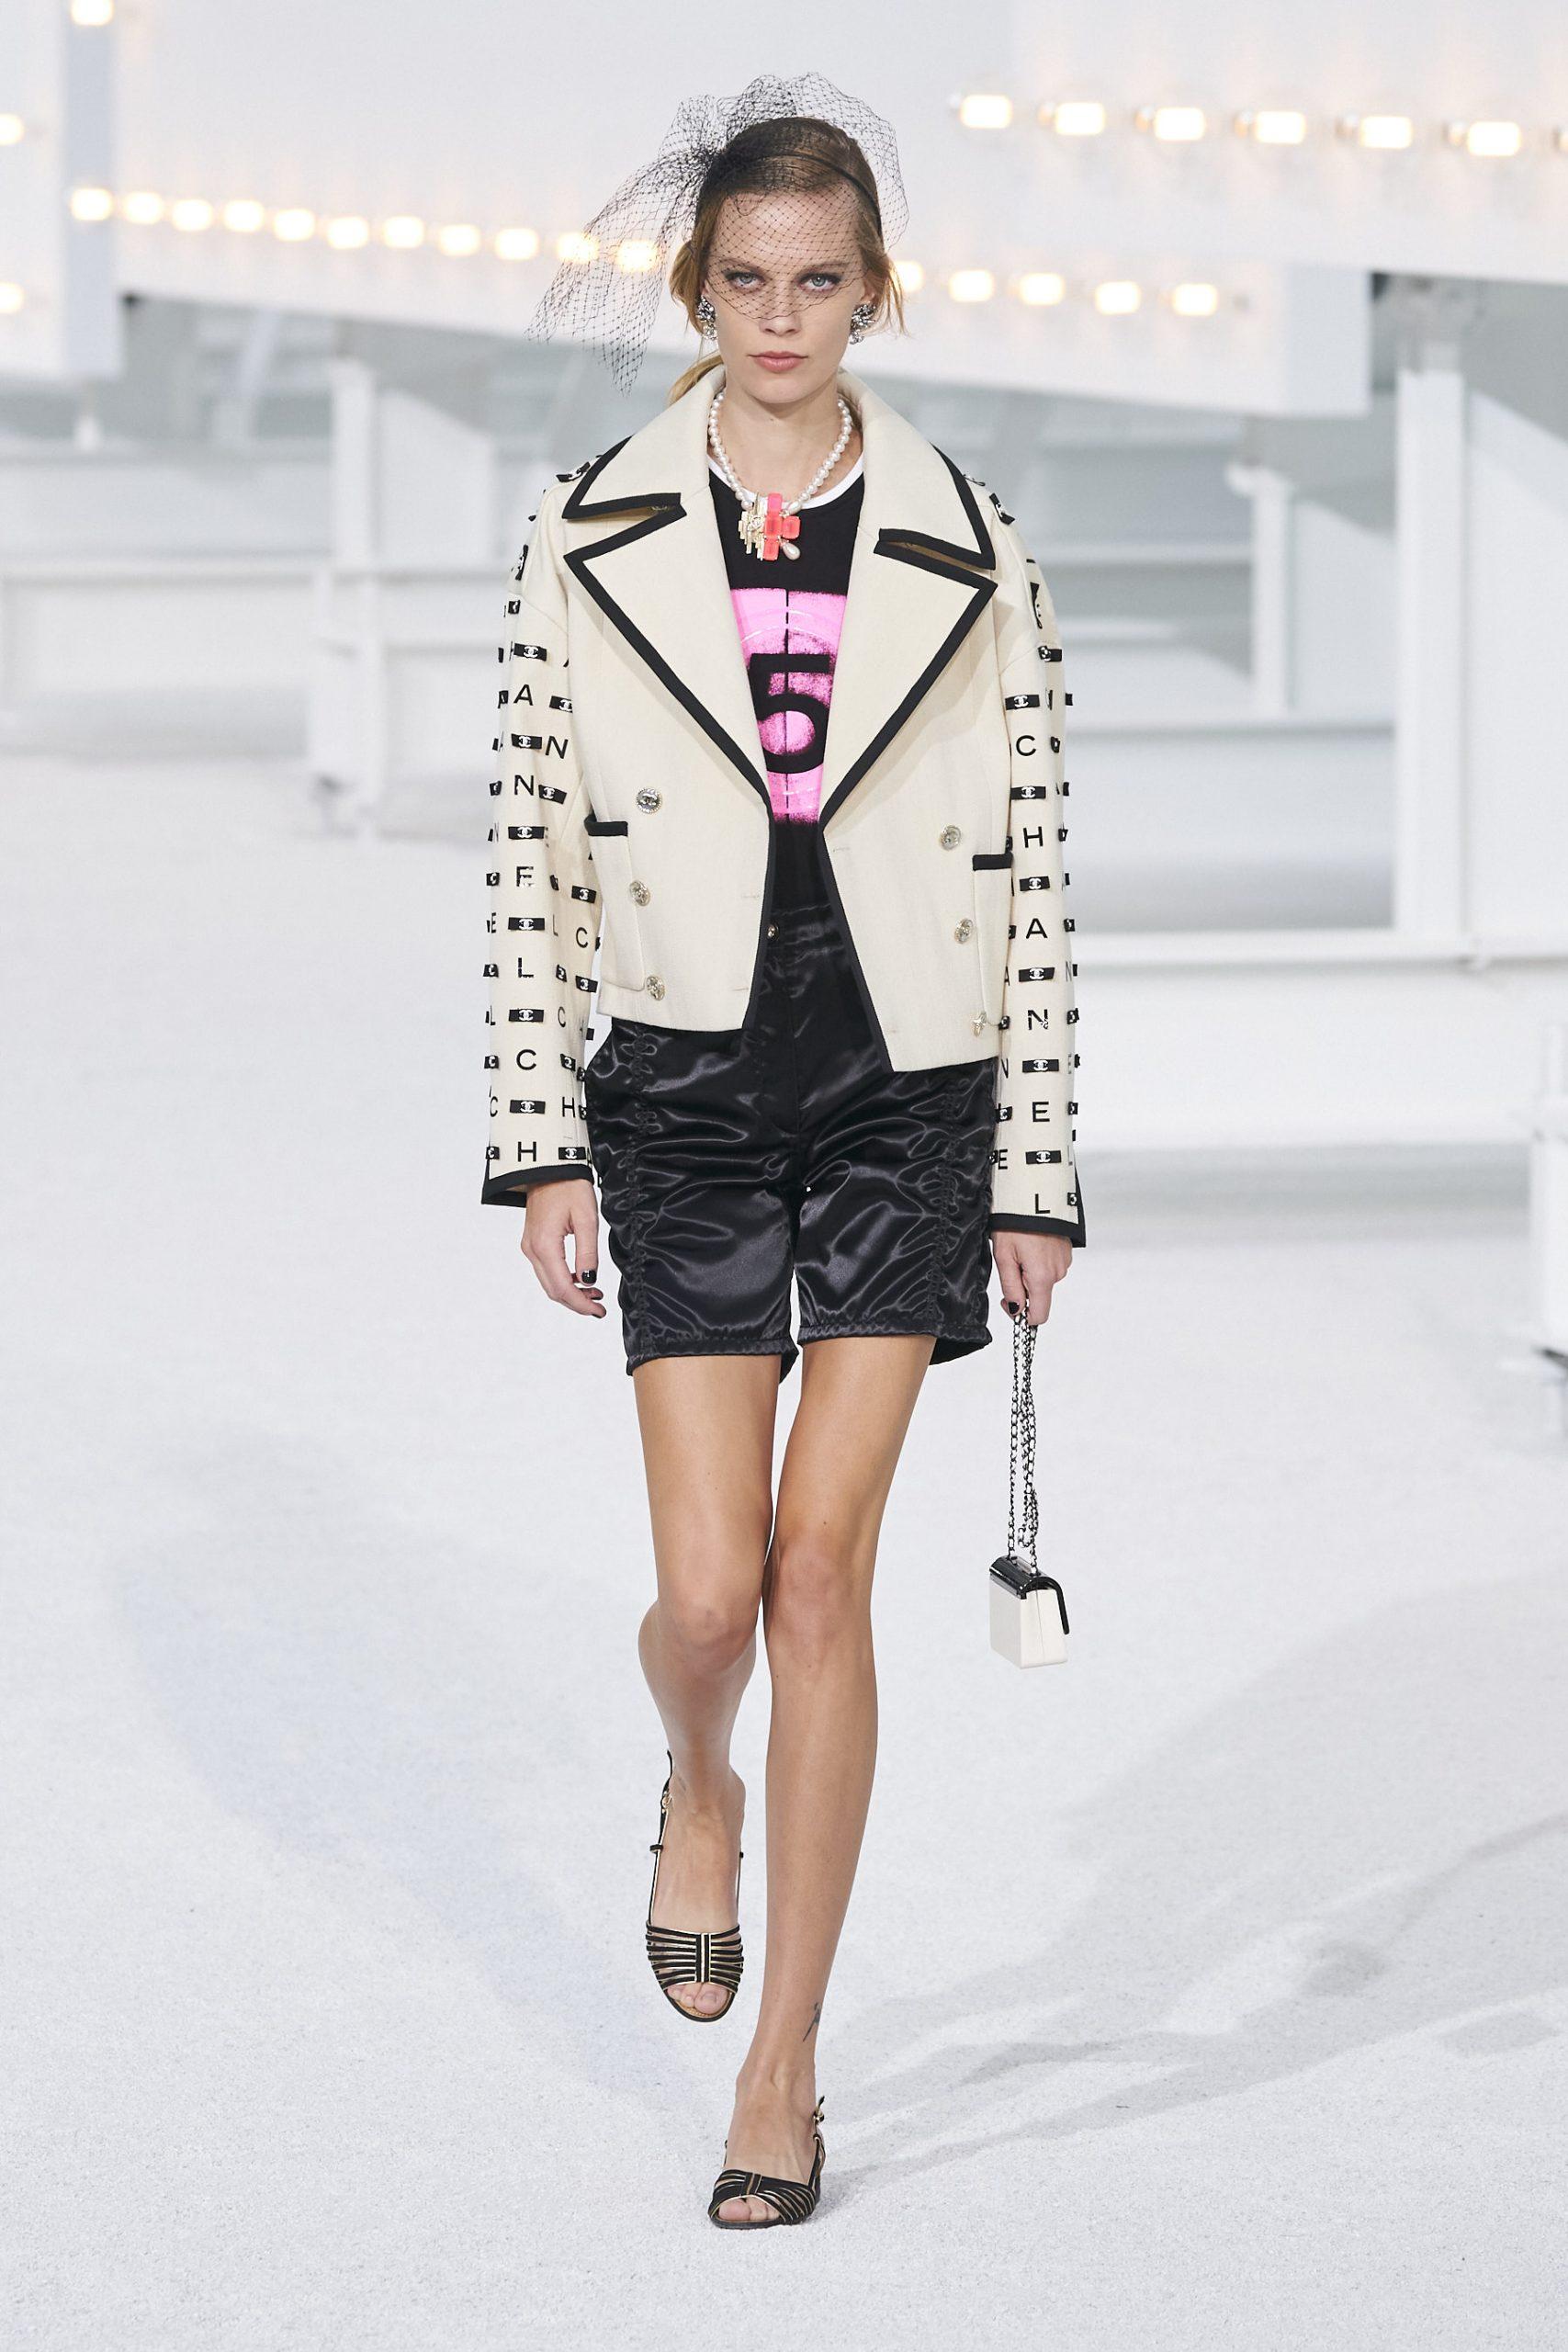 18. kép: Párizsi Divathét - Chanel - 2021 tavasz-nyár - ready to wear